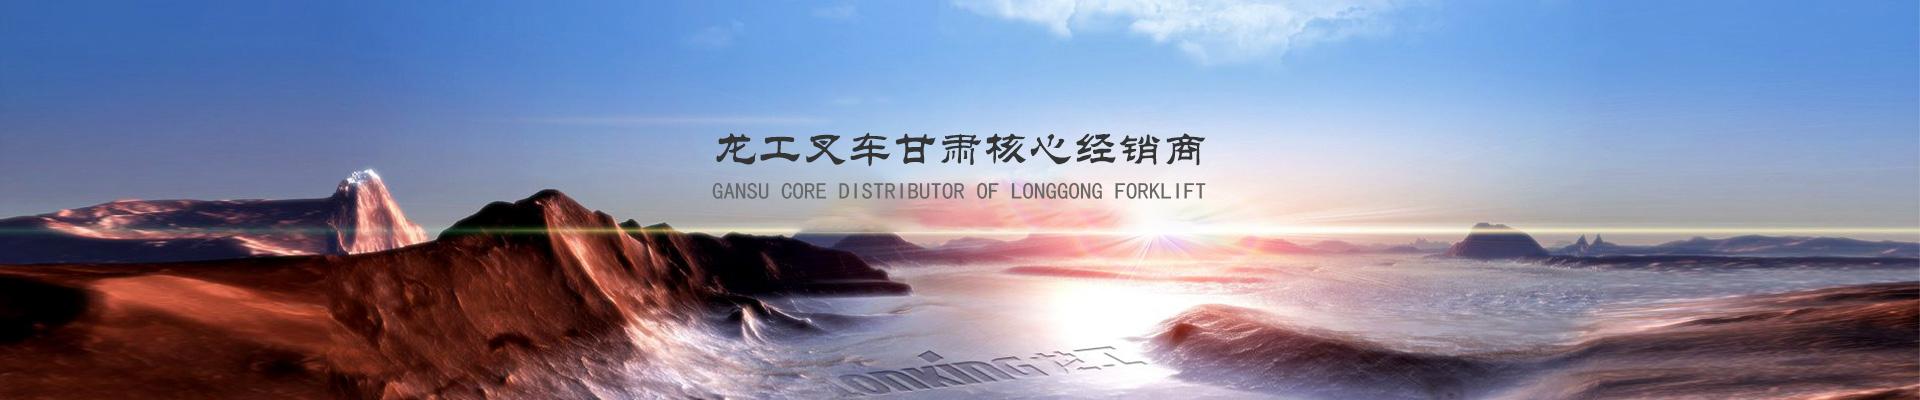 http://www.gslgcc.cn/data/upload/202011/20201105170836_542.jpg